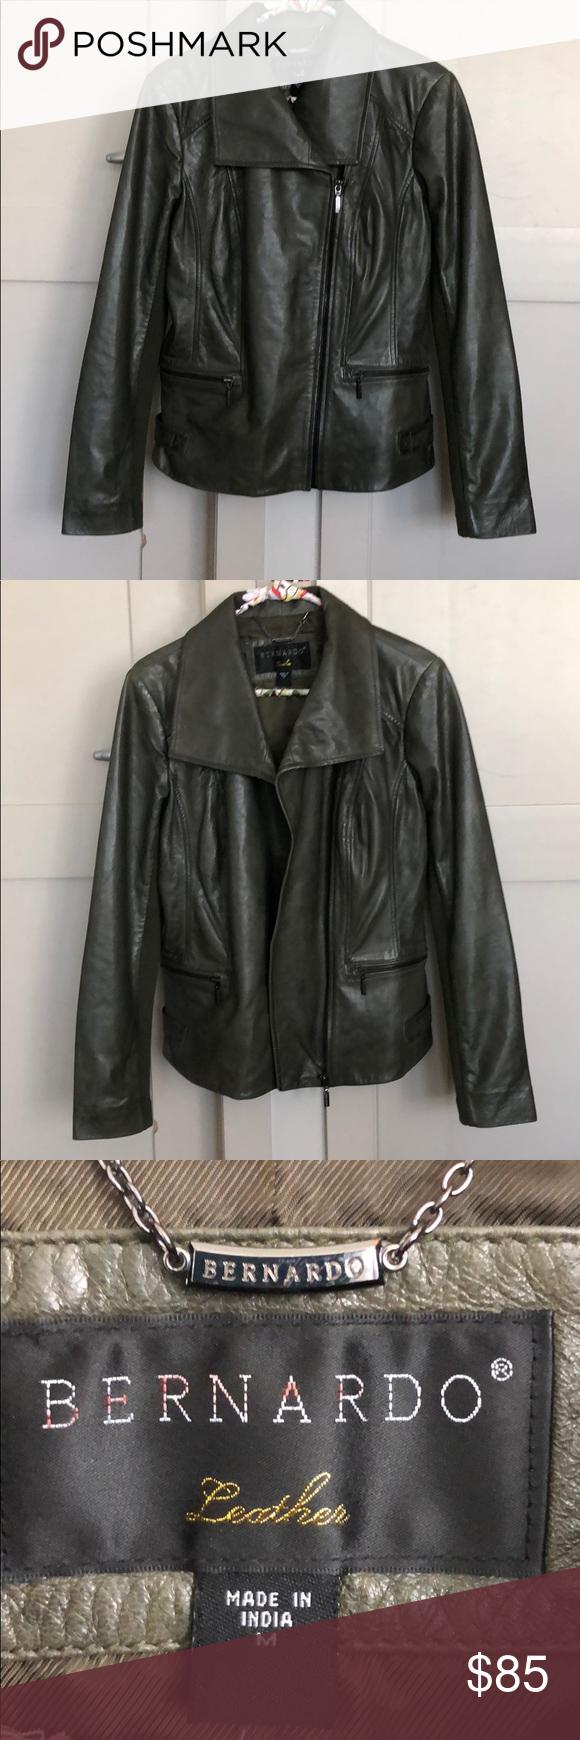 Nwot Bernardo Leather Jacket Medium Leather Jacket Jackets Leather [ 1740 x 580 Pixel ]